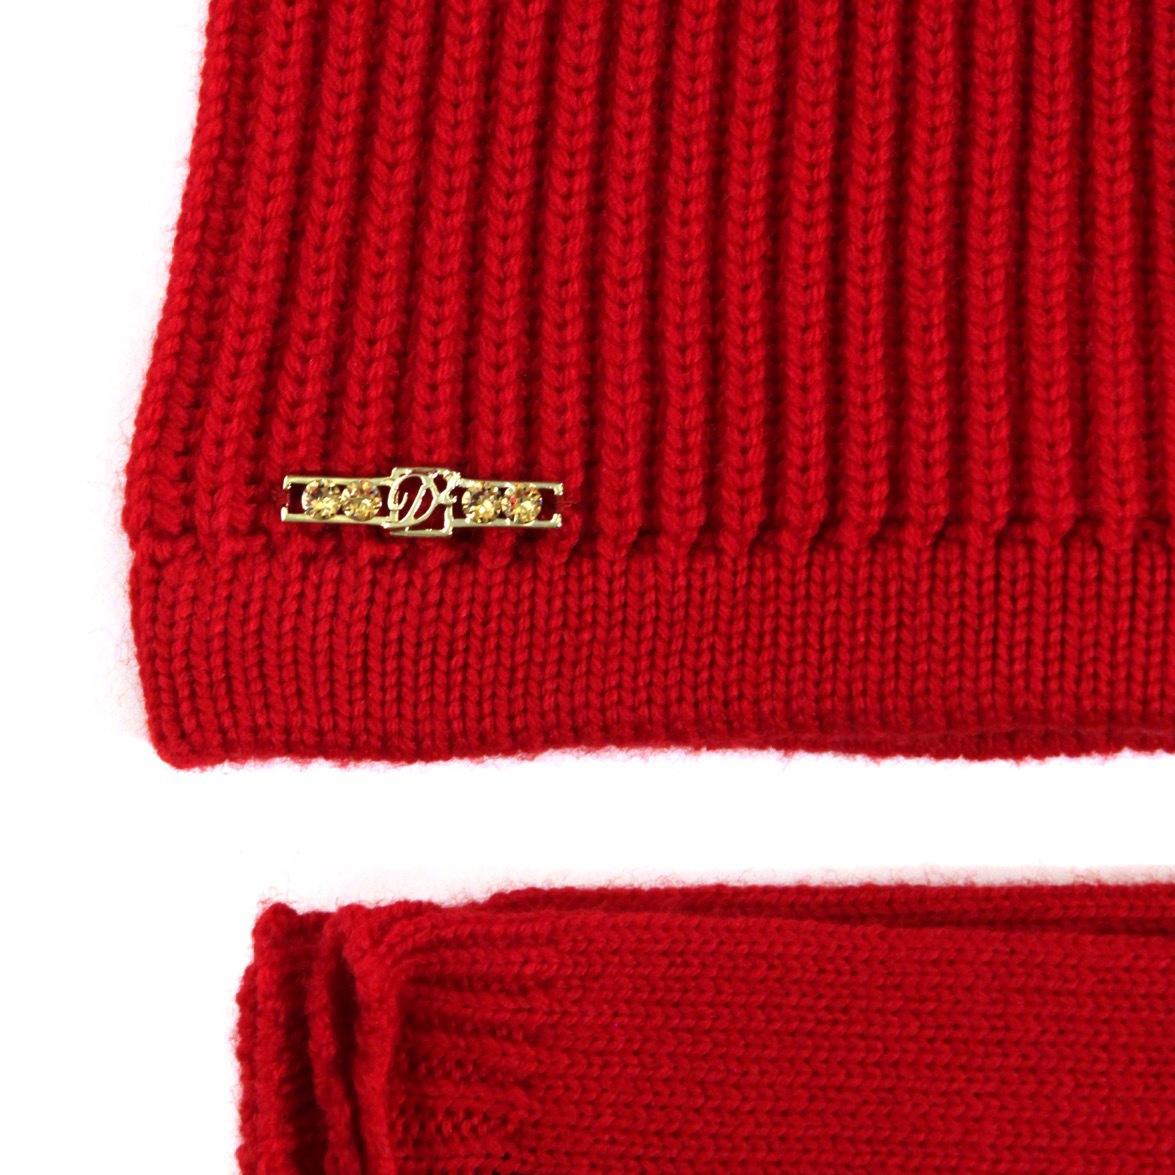 Комплект шапка и перчатки. Цвет красный/черный/серый DSQUARED2